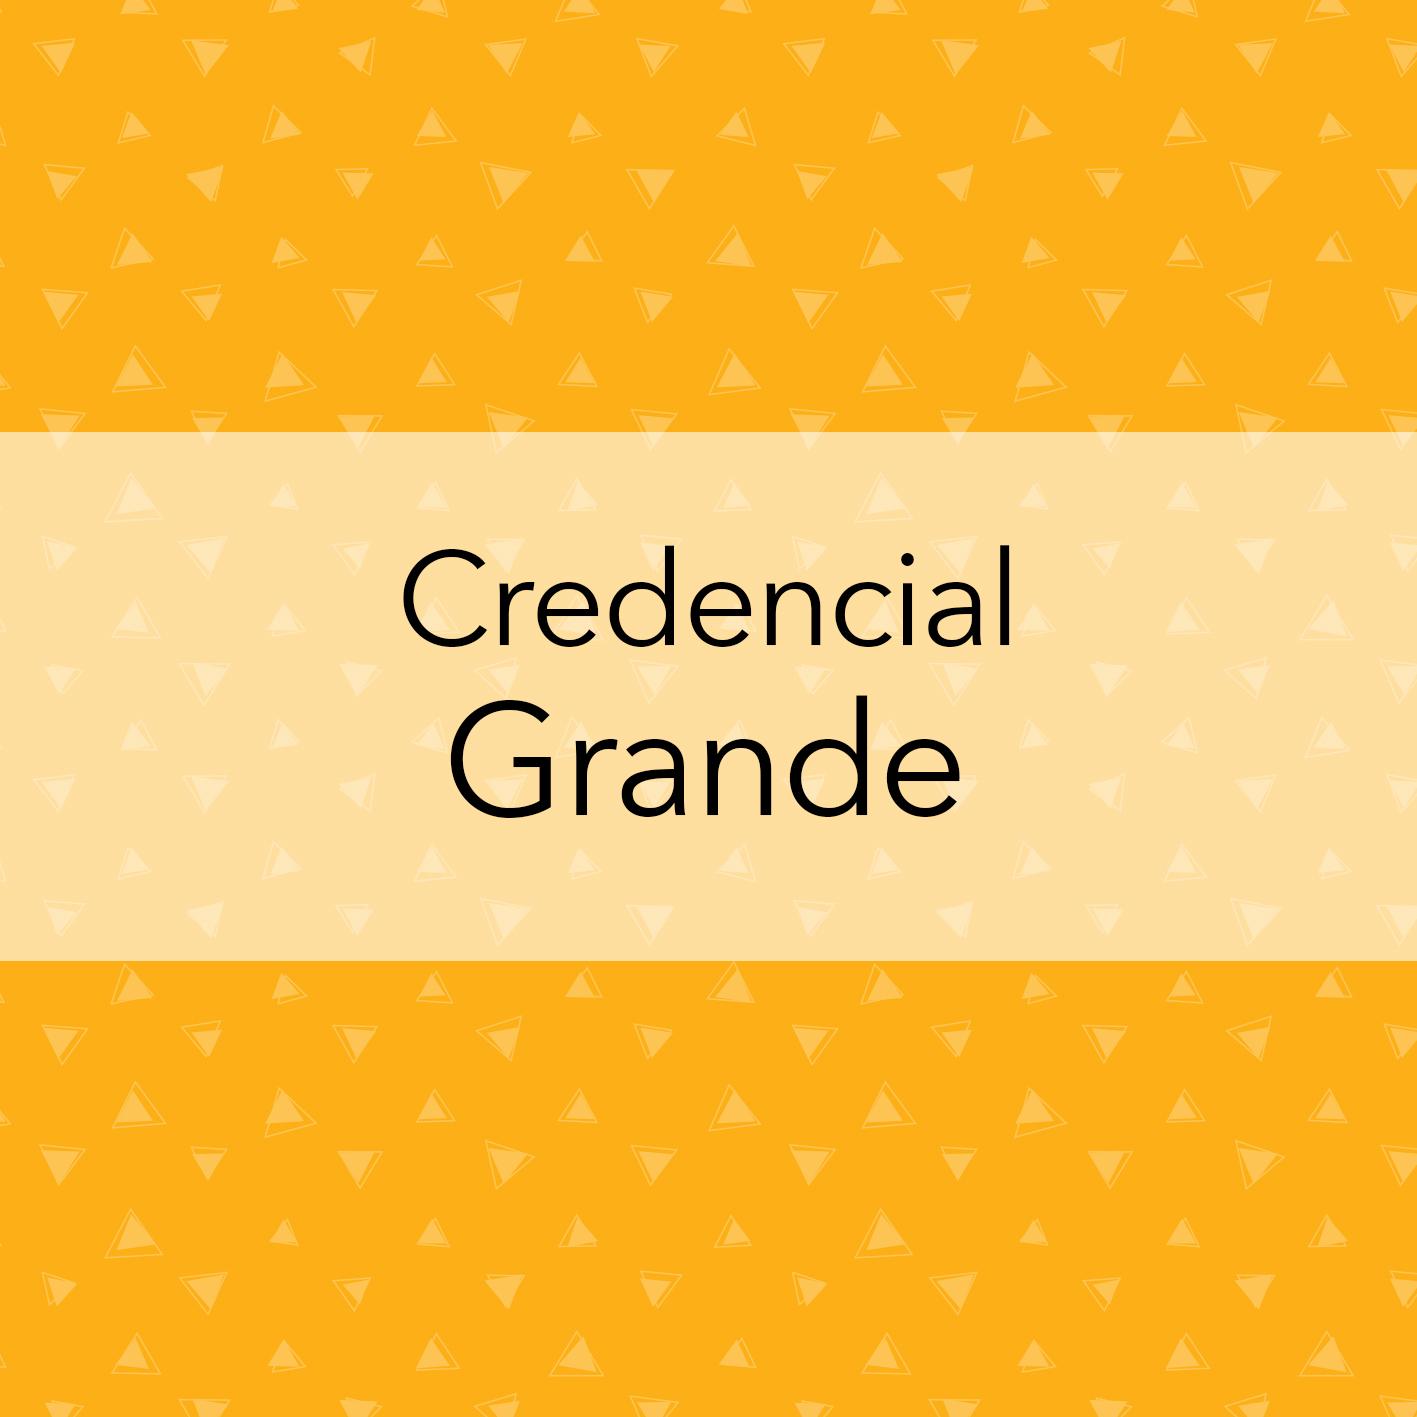 CREDENCIAL GRANDE